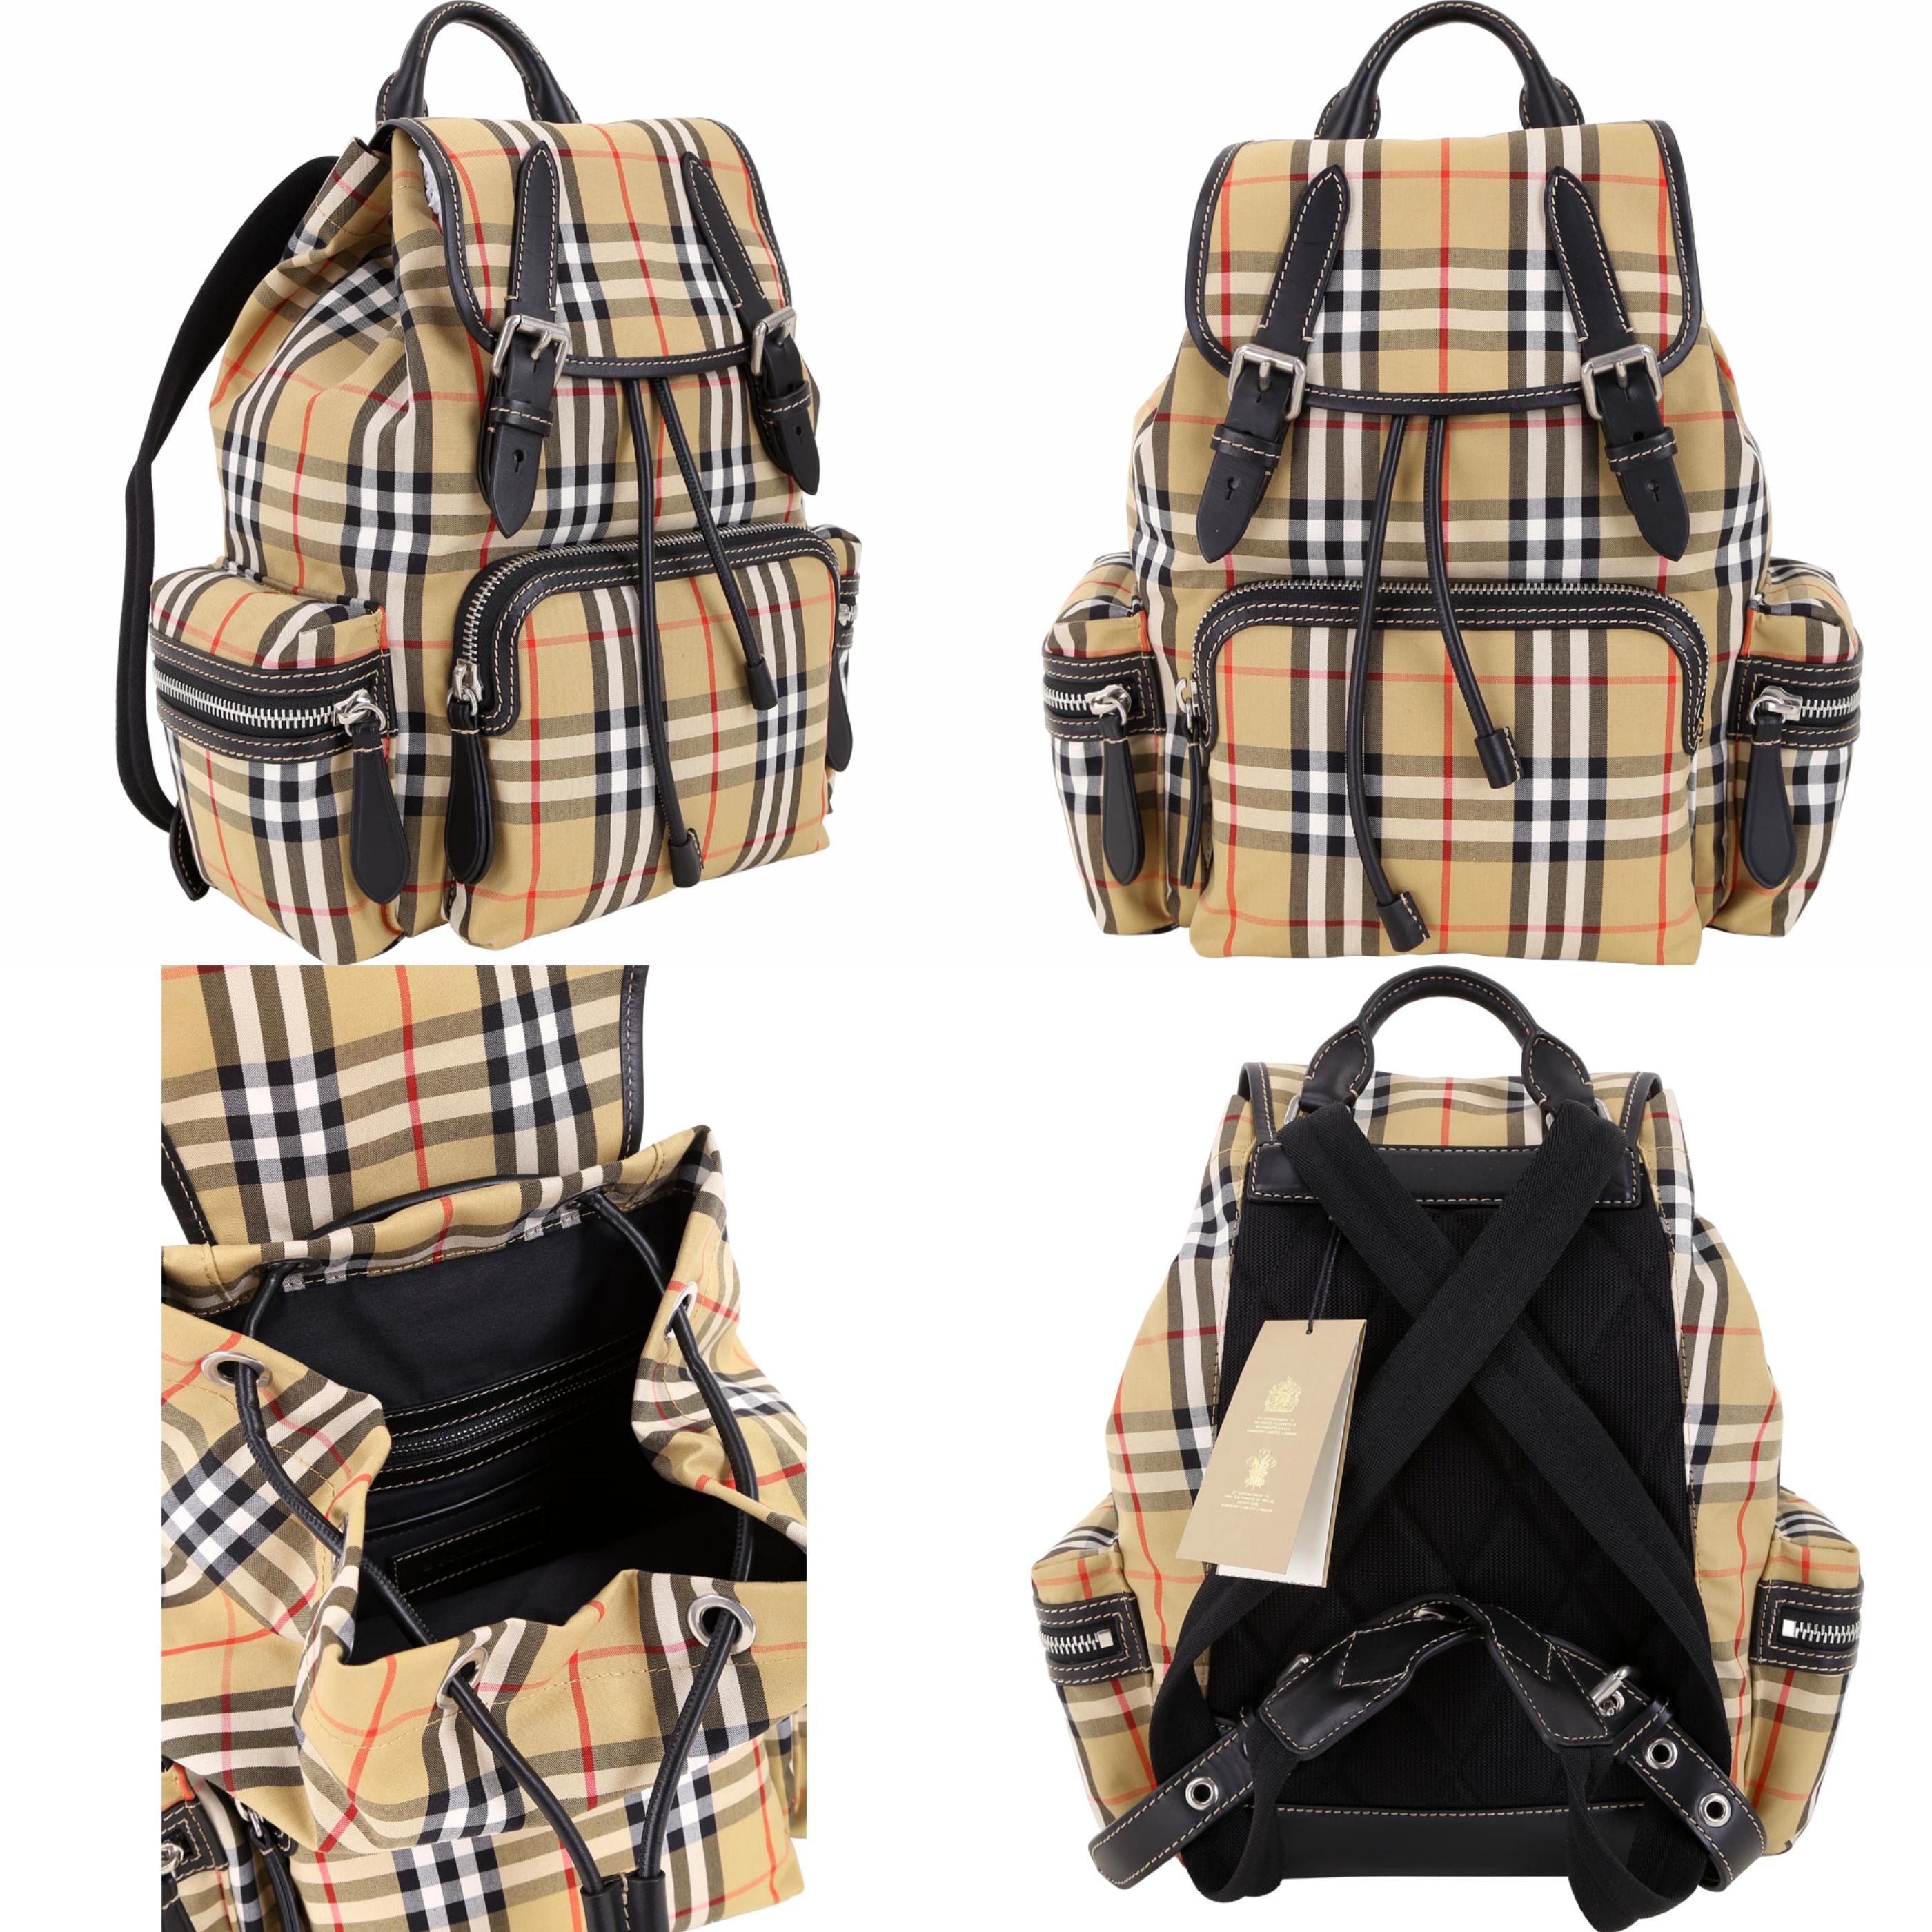 BURBERRY The Rucksack Vintage 中型格紋拼接軍旅背包(古典黃) 潮人人手一只的The Rucksack後背包,其設計靈感源自傳統軍用包